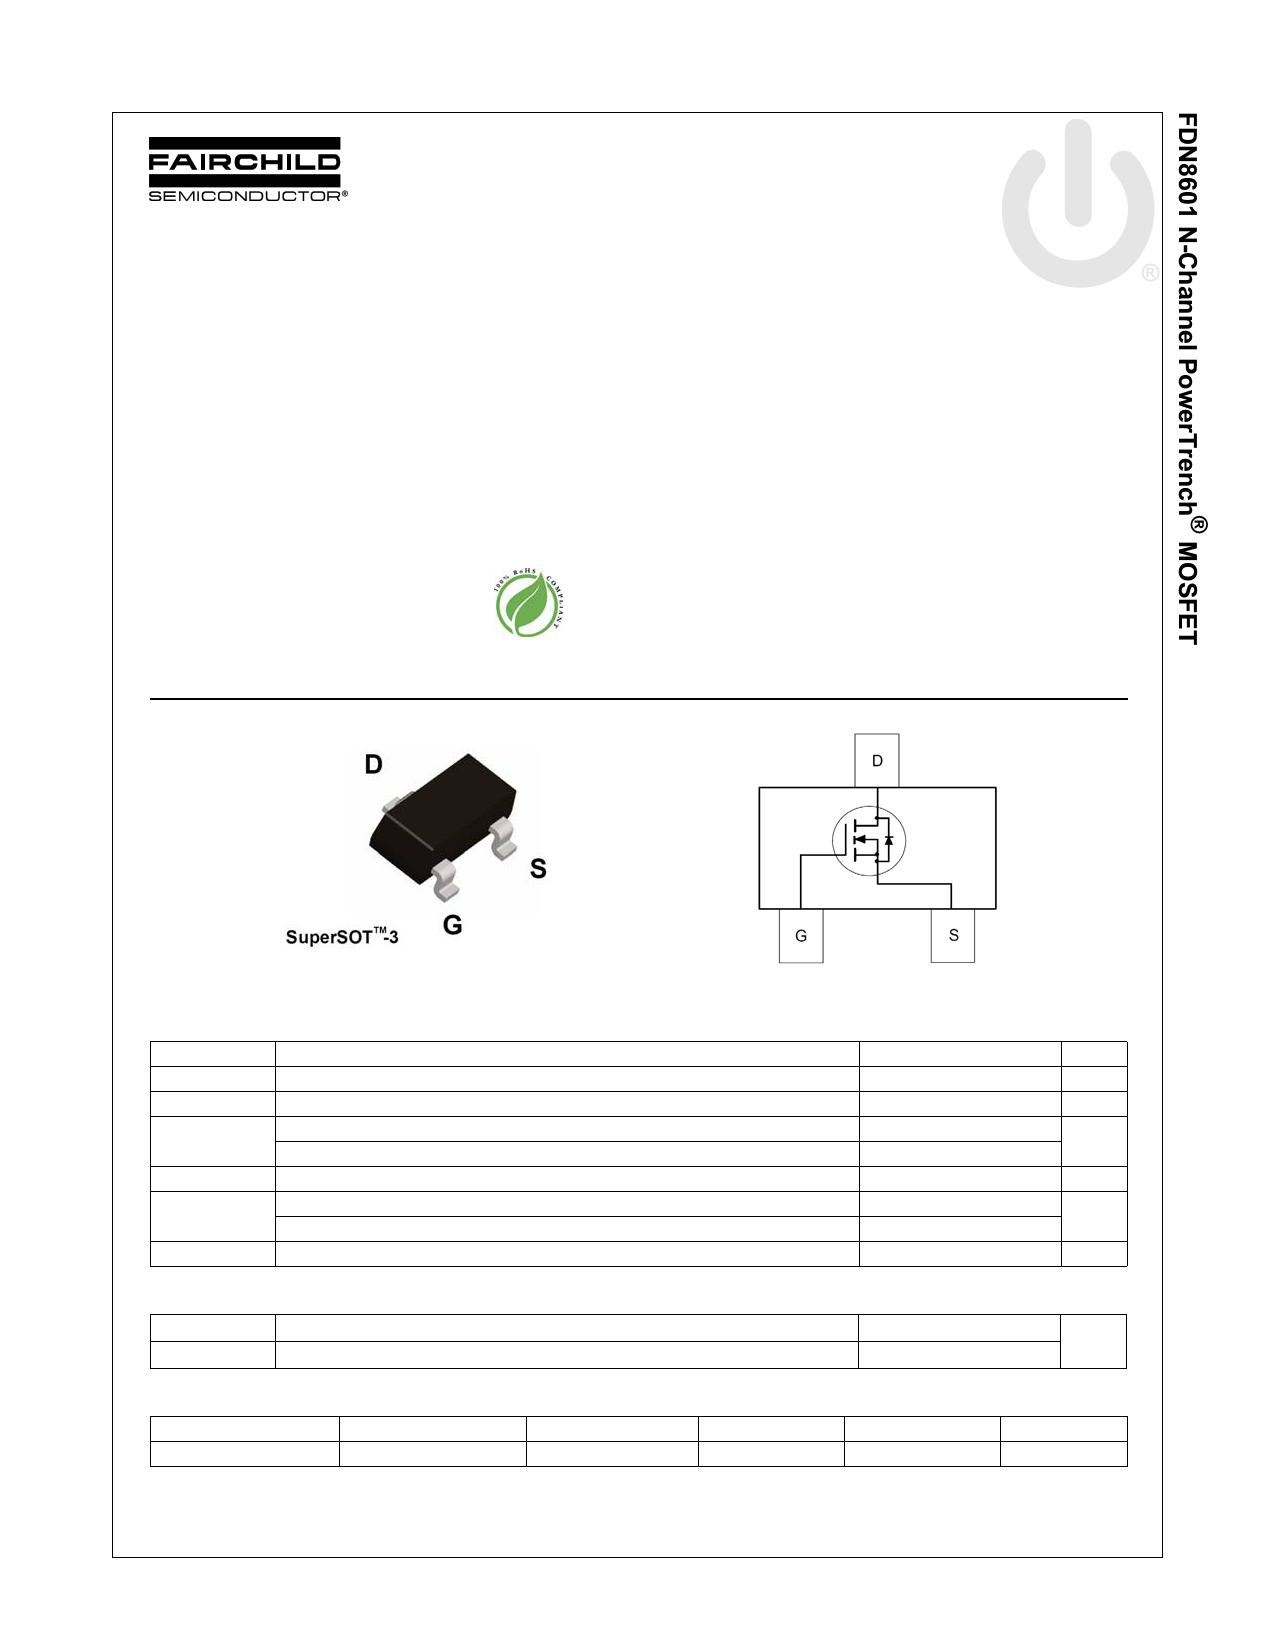 FDN8601 데이터시트 및 FDN8601 PDF